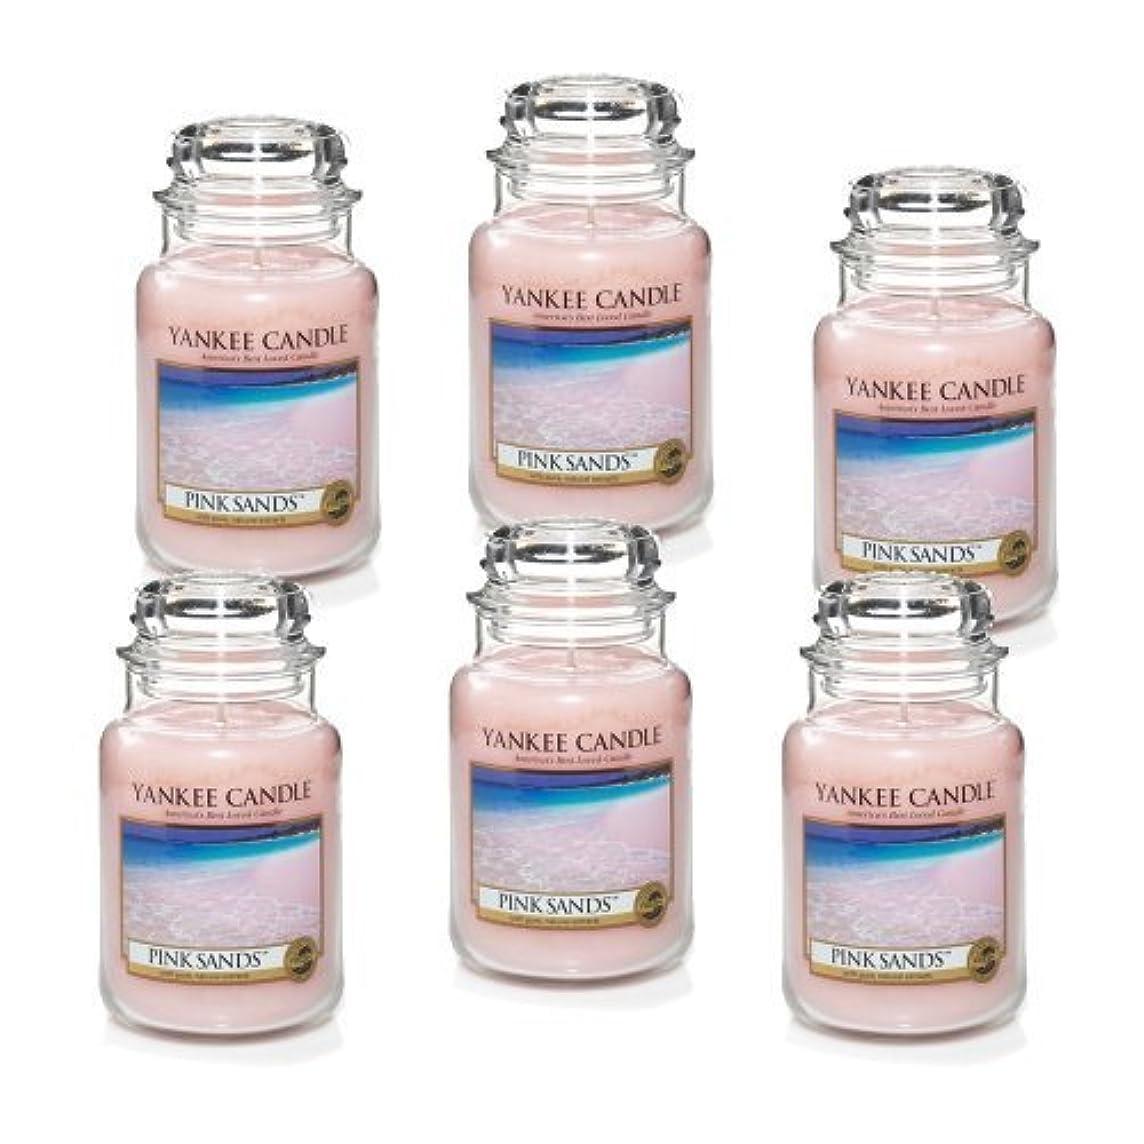 詐欺師詩人かび臭いYankee Candle Company 22-Ounce Pink Sands Jar Candle, Large, Set of 6 by Amazon source [並行輸入品]